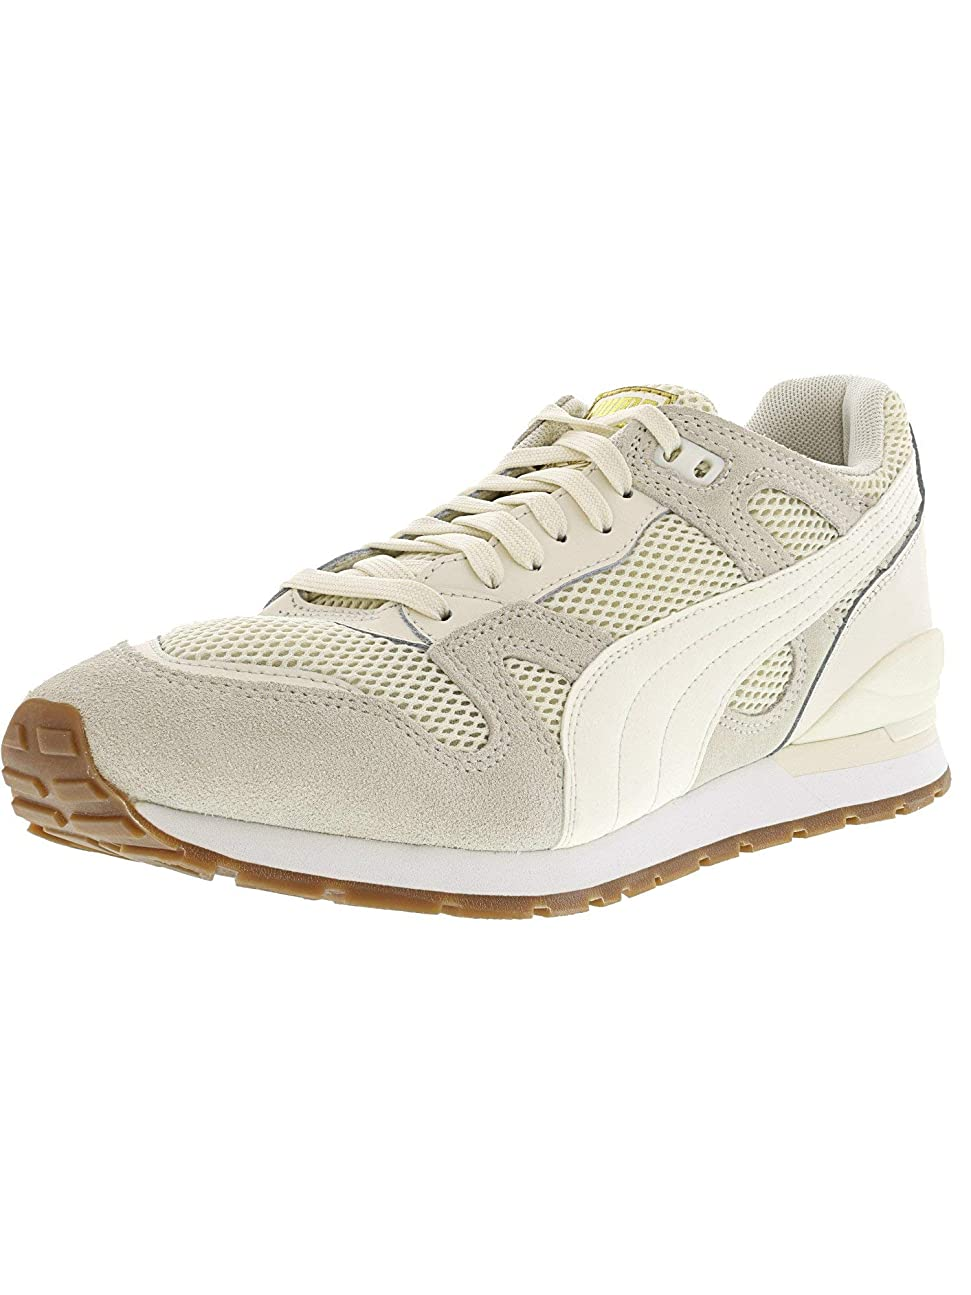 戦うのスコア変更可能Puma Men's Duplex Og X Careaux Ankle-High Fabric Fashion Sneaker